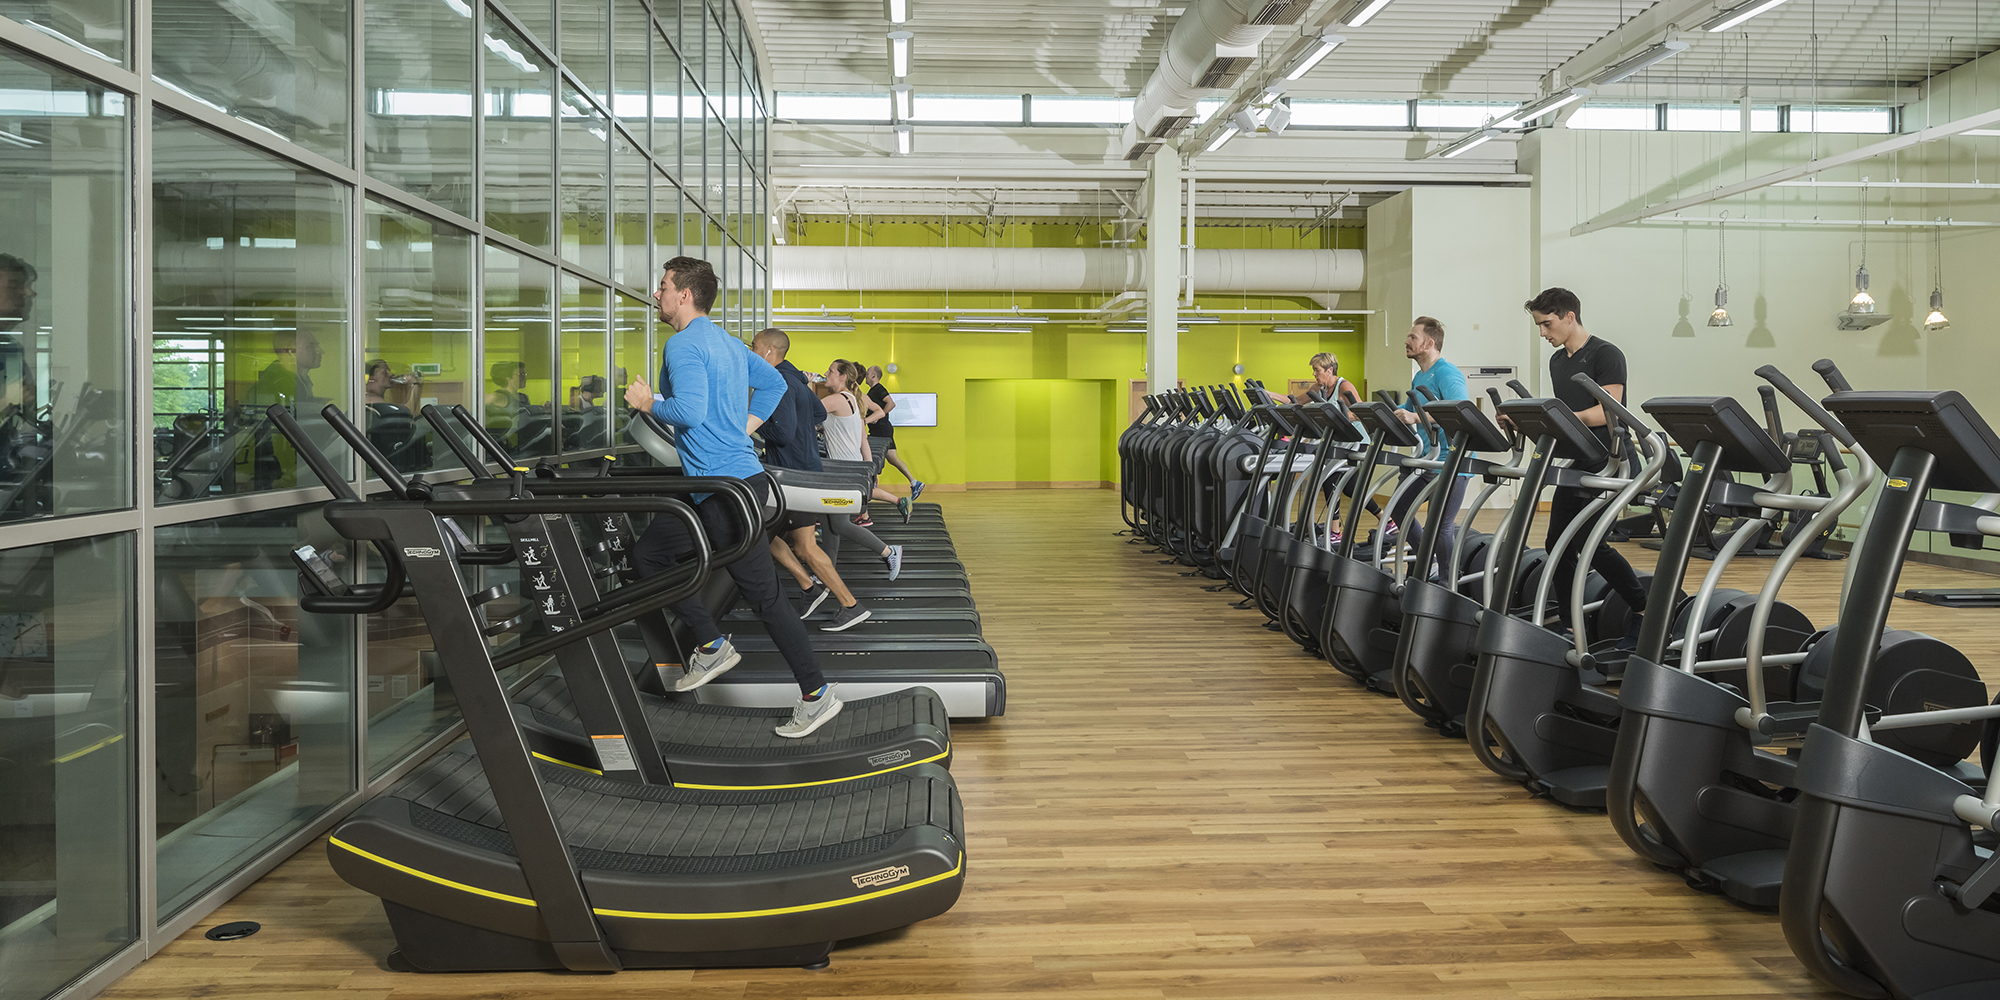 Sunbury gym